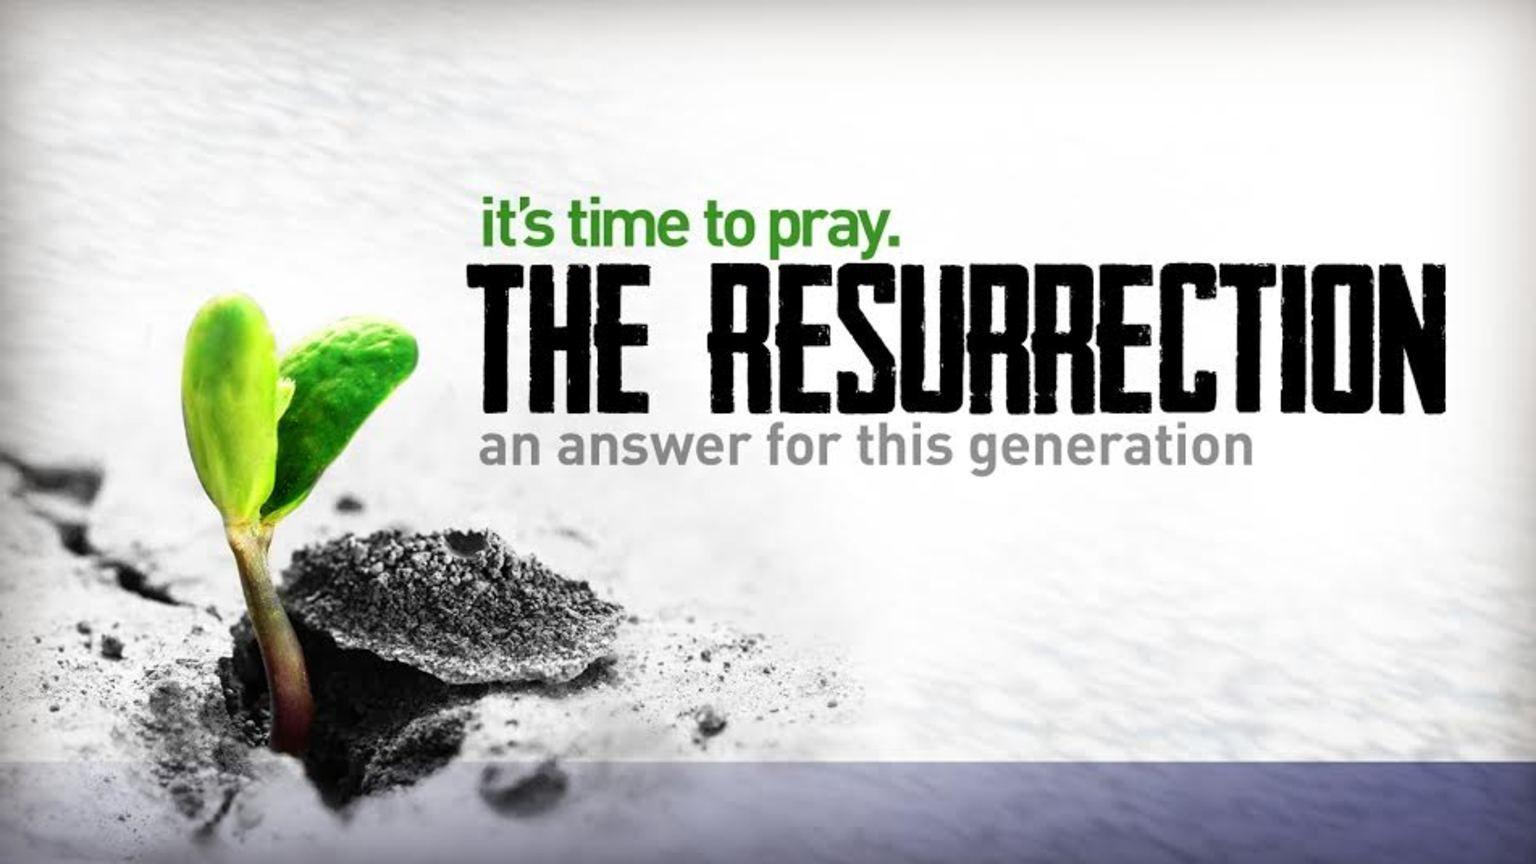 resurrection-image